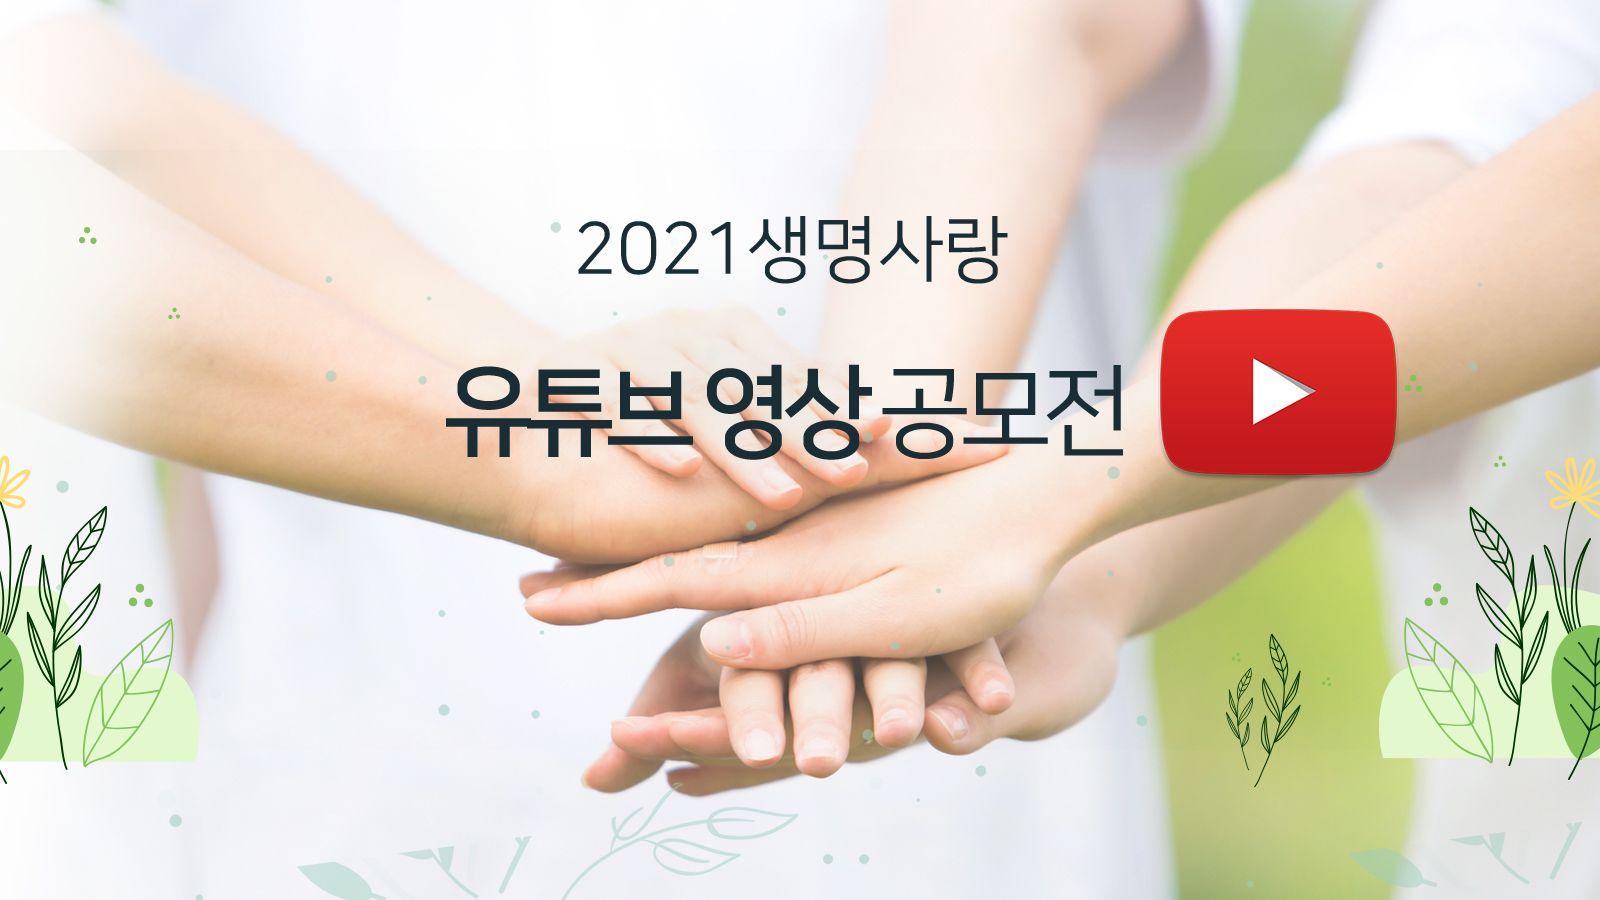 2021 생명사랑 유튜브 영상 공모전